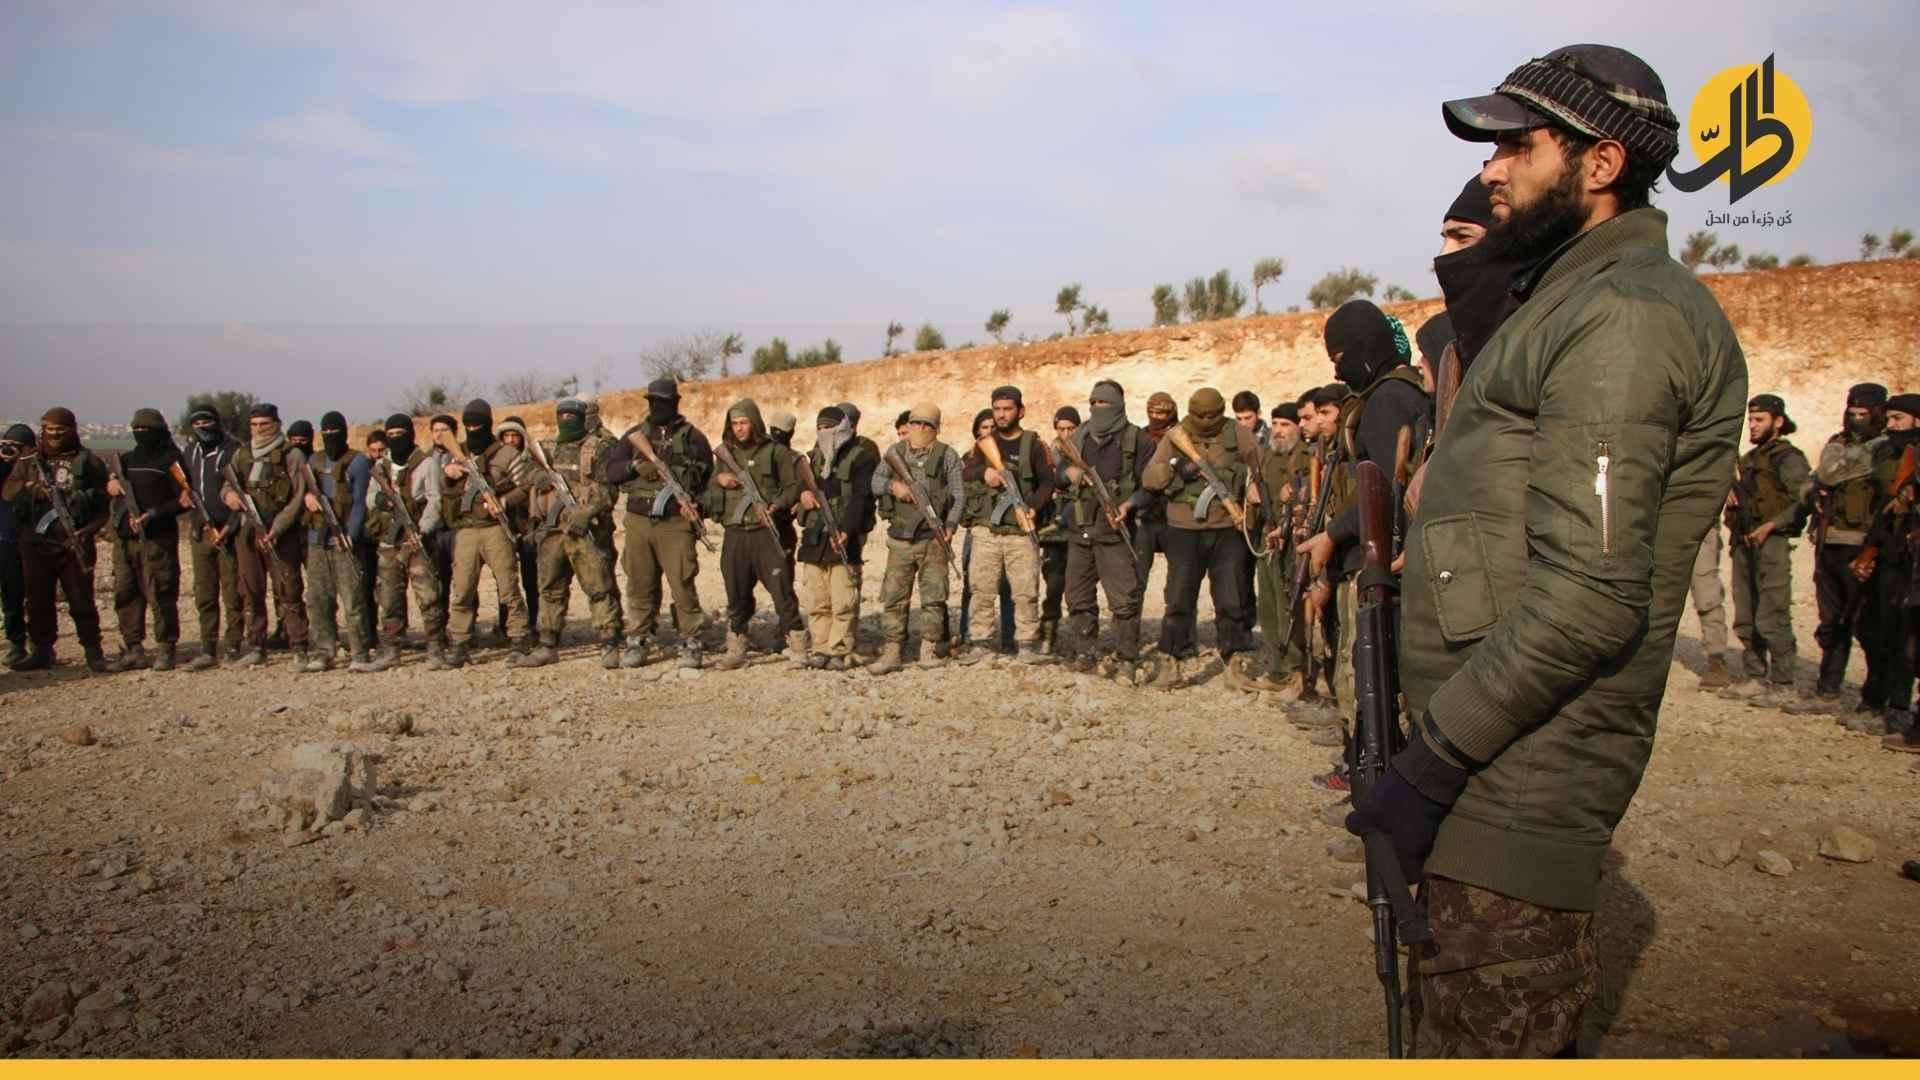 «تحرير الشام» تسعى لعسكرة مناطق سيطرتها وتتحضّر لتأسيس كلية حربية